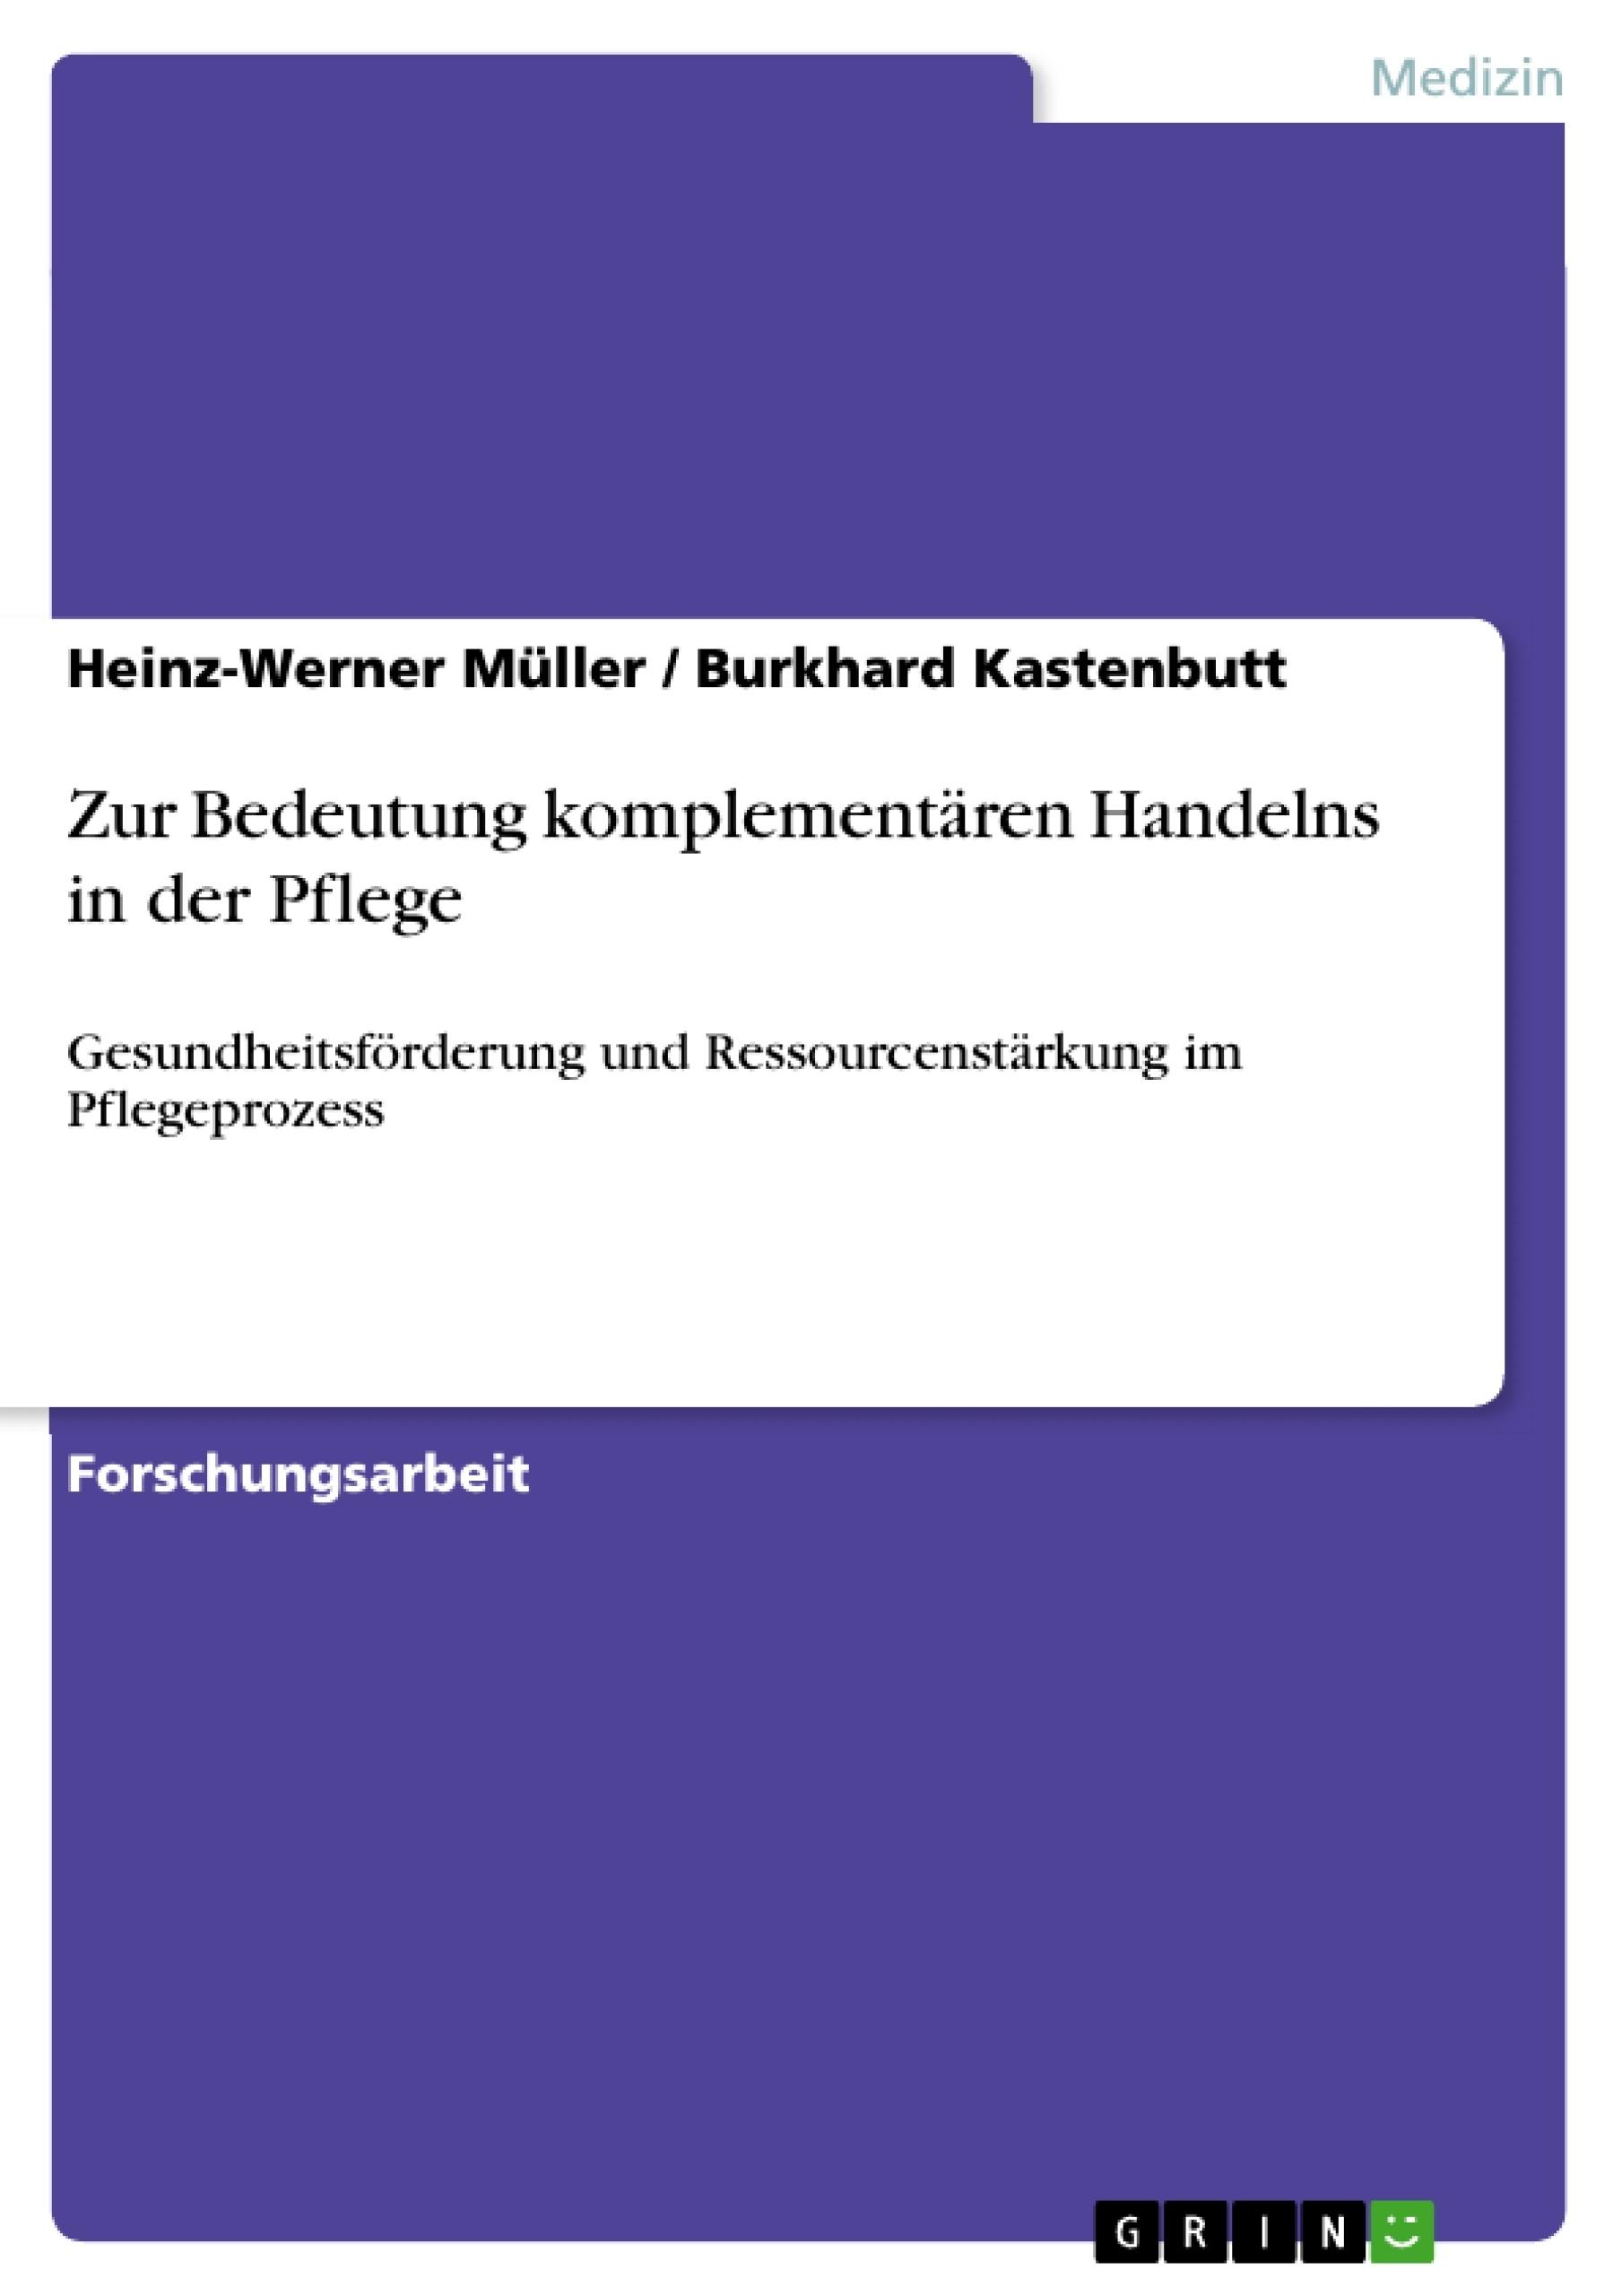 Titel: Zur Bedeutung komplementären Handelns in der Pflege